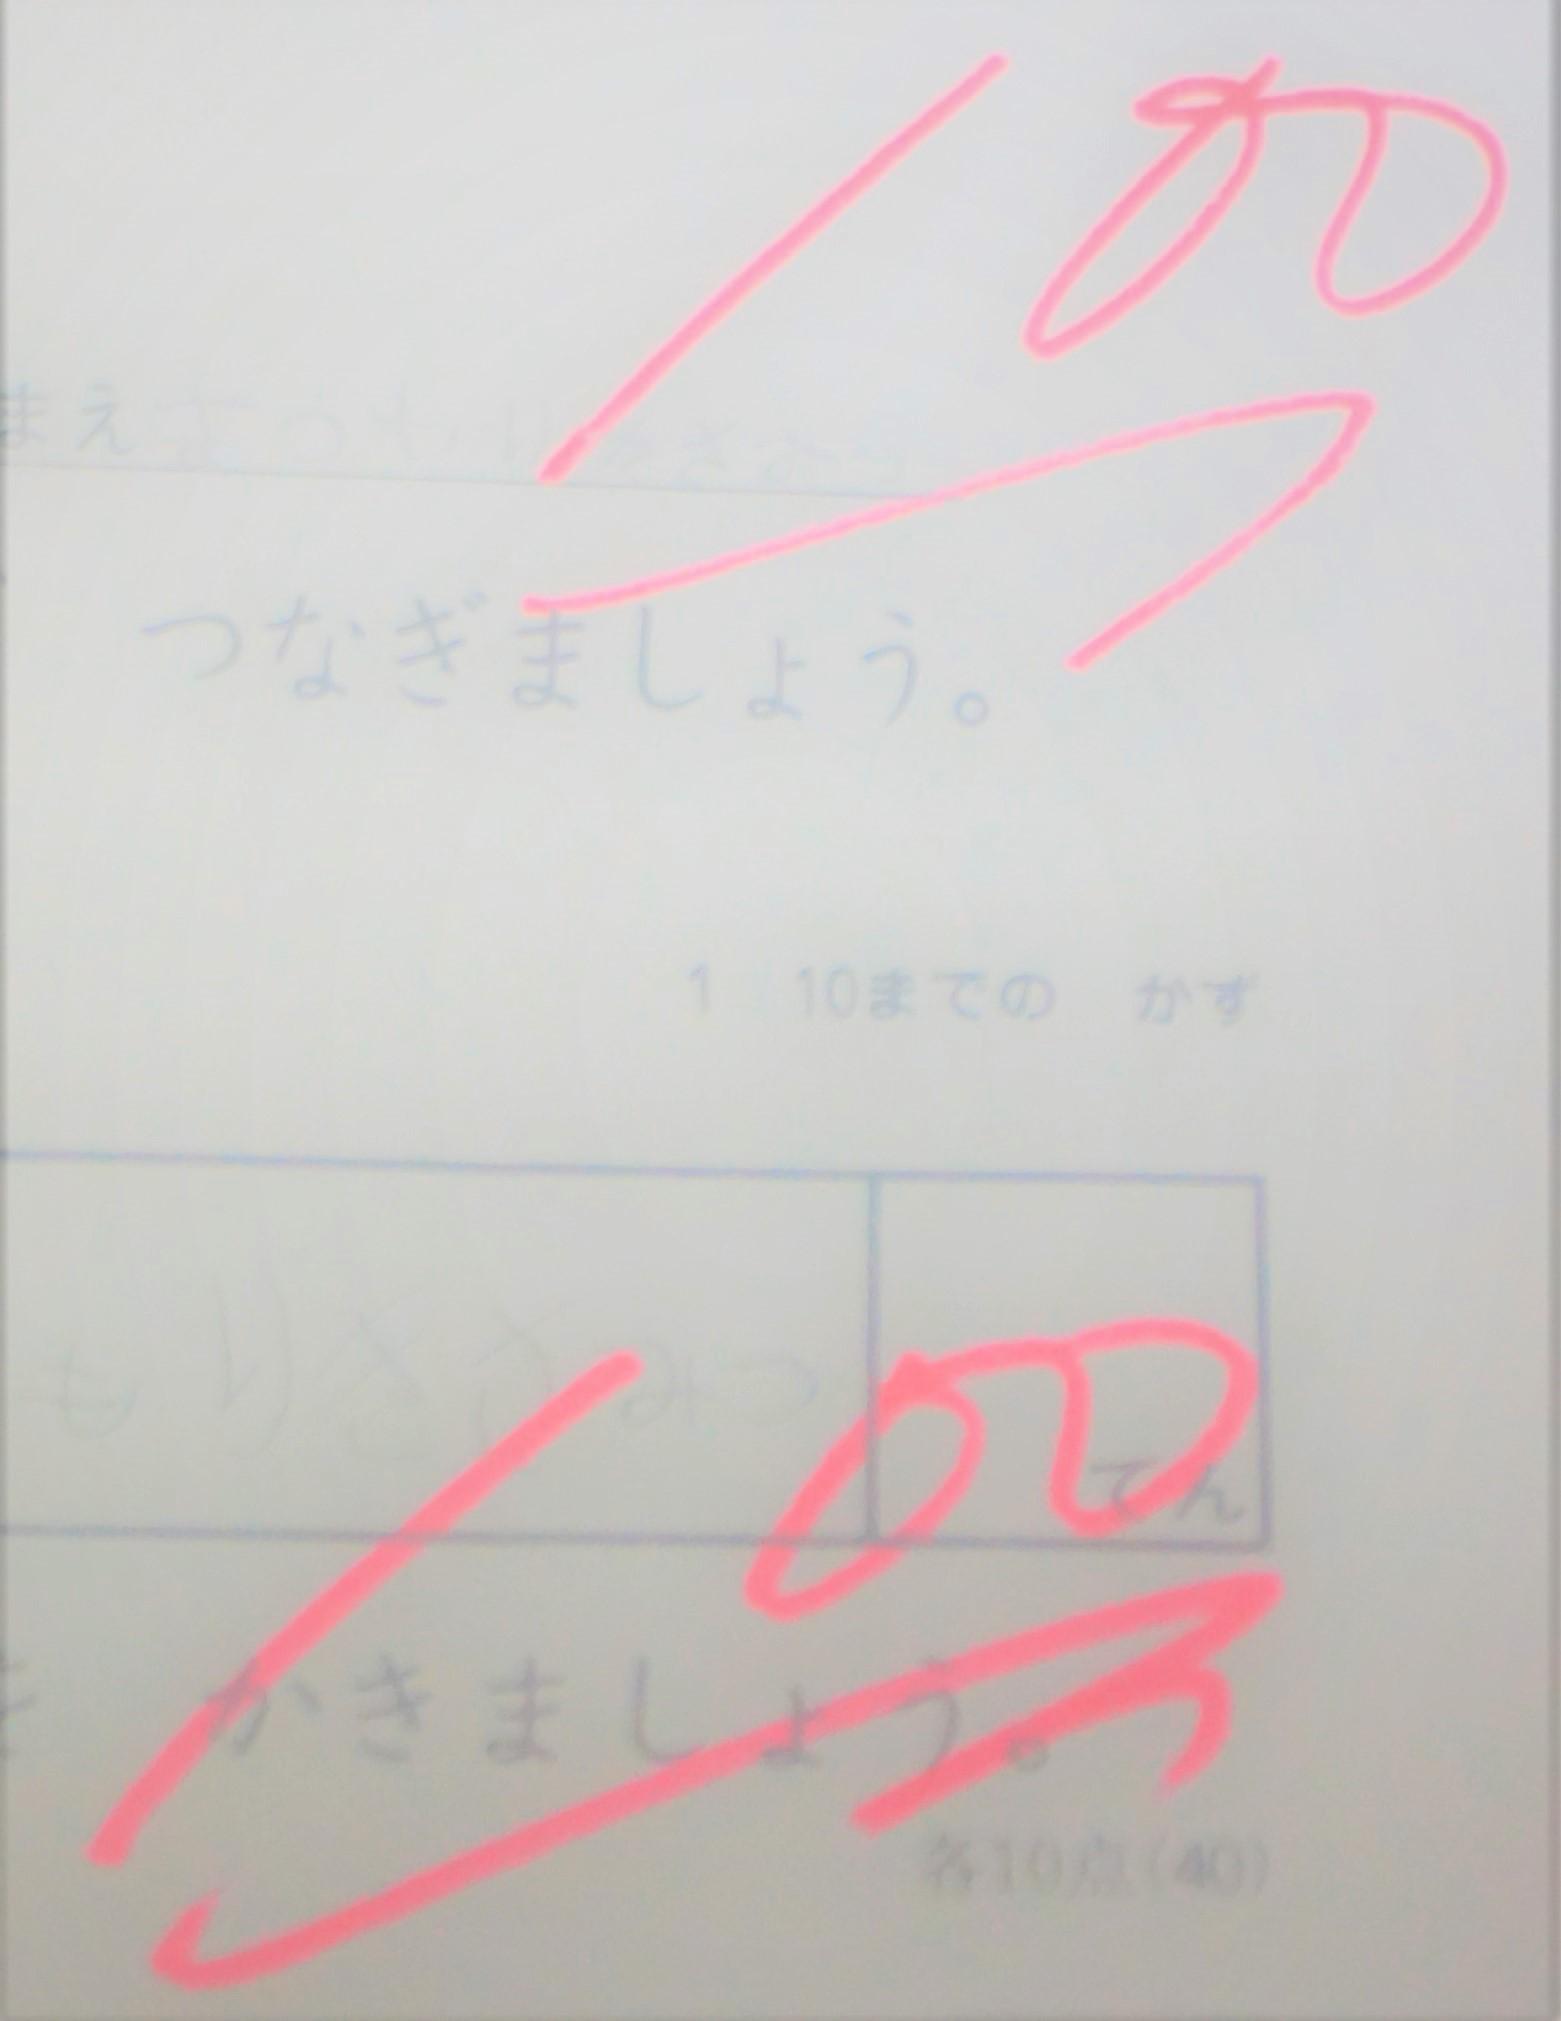 学校始まって初のテスト連続100点_f0006713_22315638.jpg